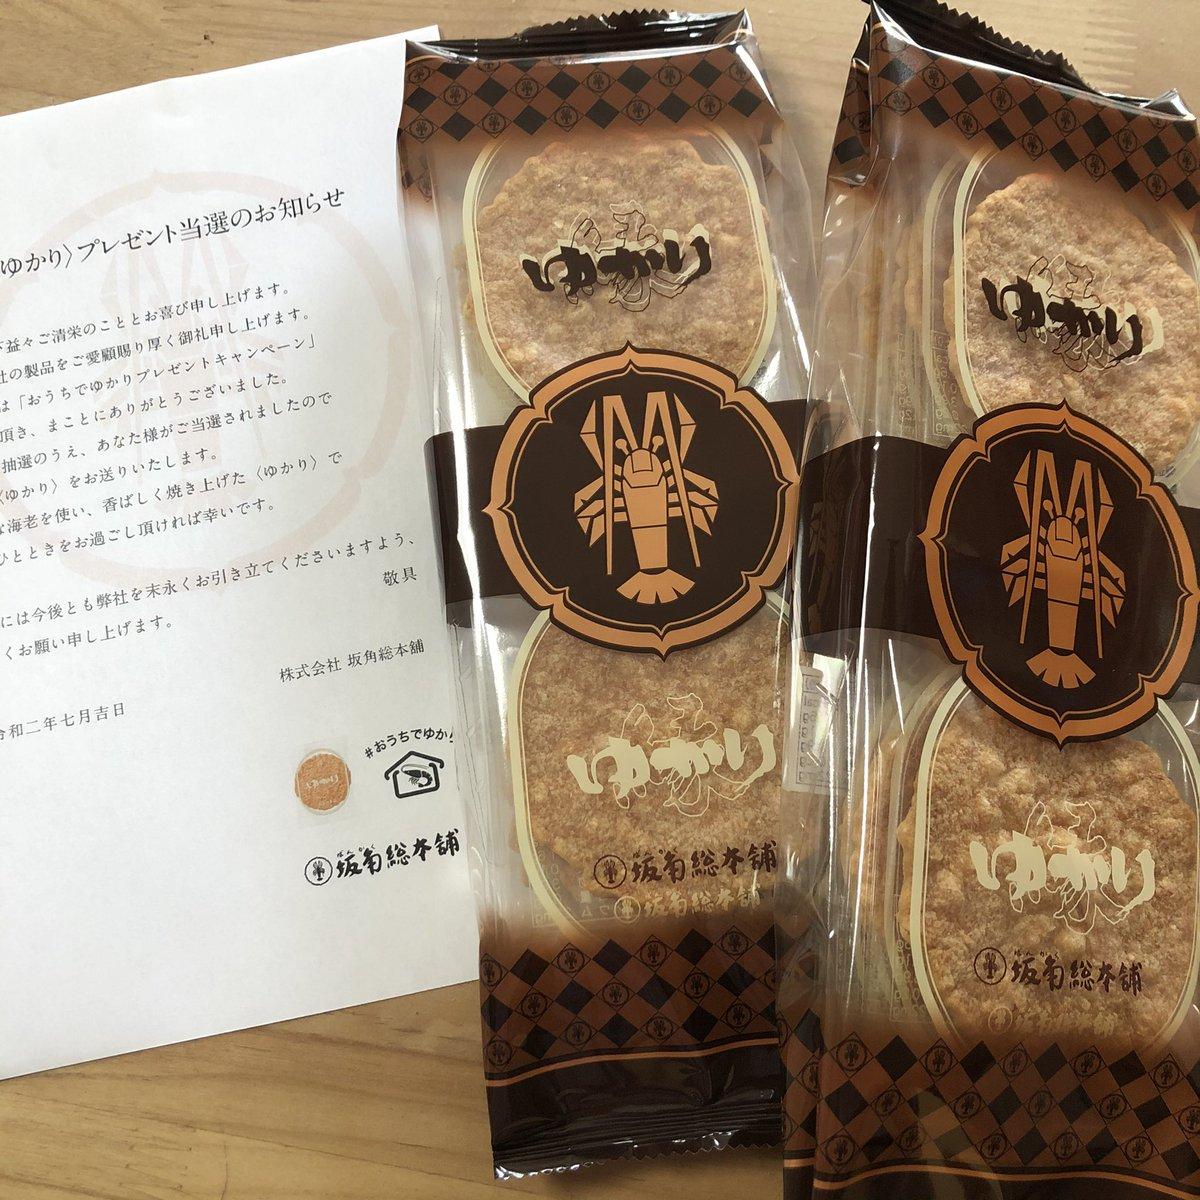 test ツイッターメディア - 株式会社 坂角総本舗様(@bankaku_yukari )より 当選していた海老煎餅「ゆかり」が 届きました❣️  早速いただきましたが、海老🦐の 香ばしさが最高でとっても おいしかったです。 もうすぐ3人目が生まれるので 内祝いにもぴったりだなあと 思いました✨ ありがとうございました❣️  #おうちでゆかり https://t.co/t6V5jh97OY